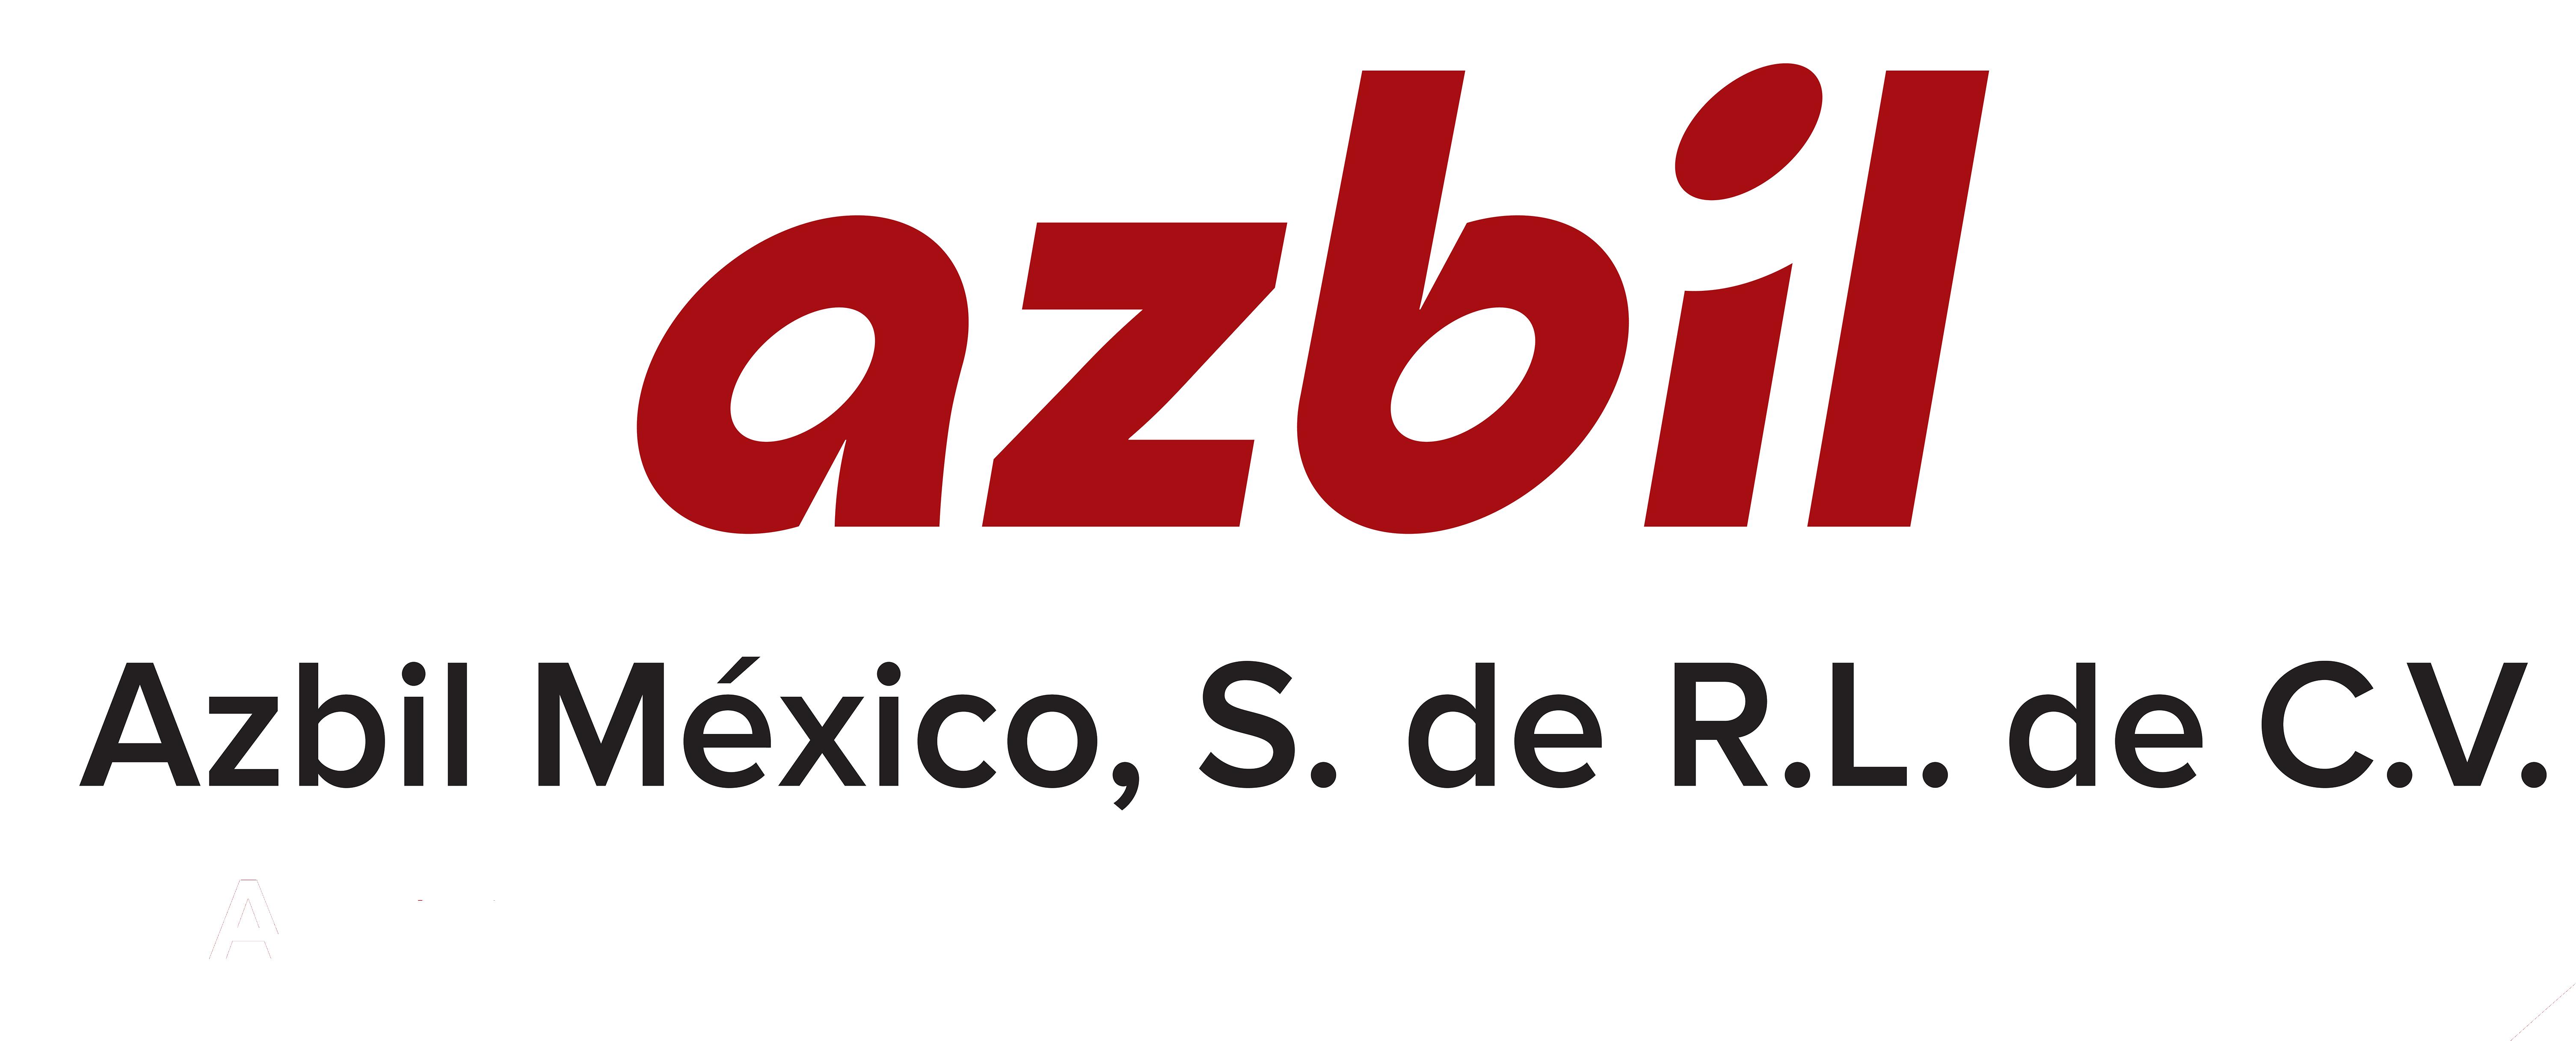 Azbil México